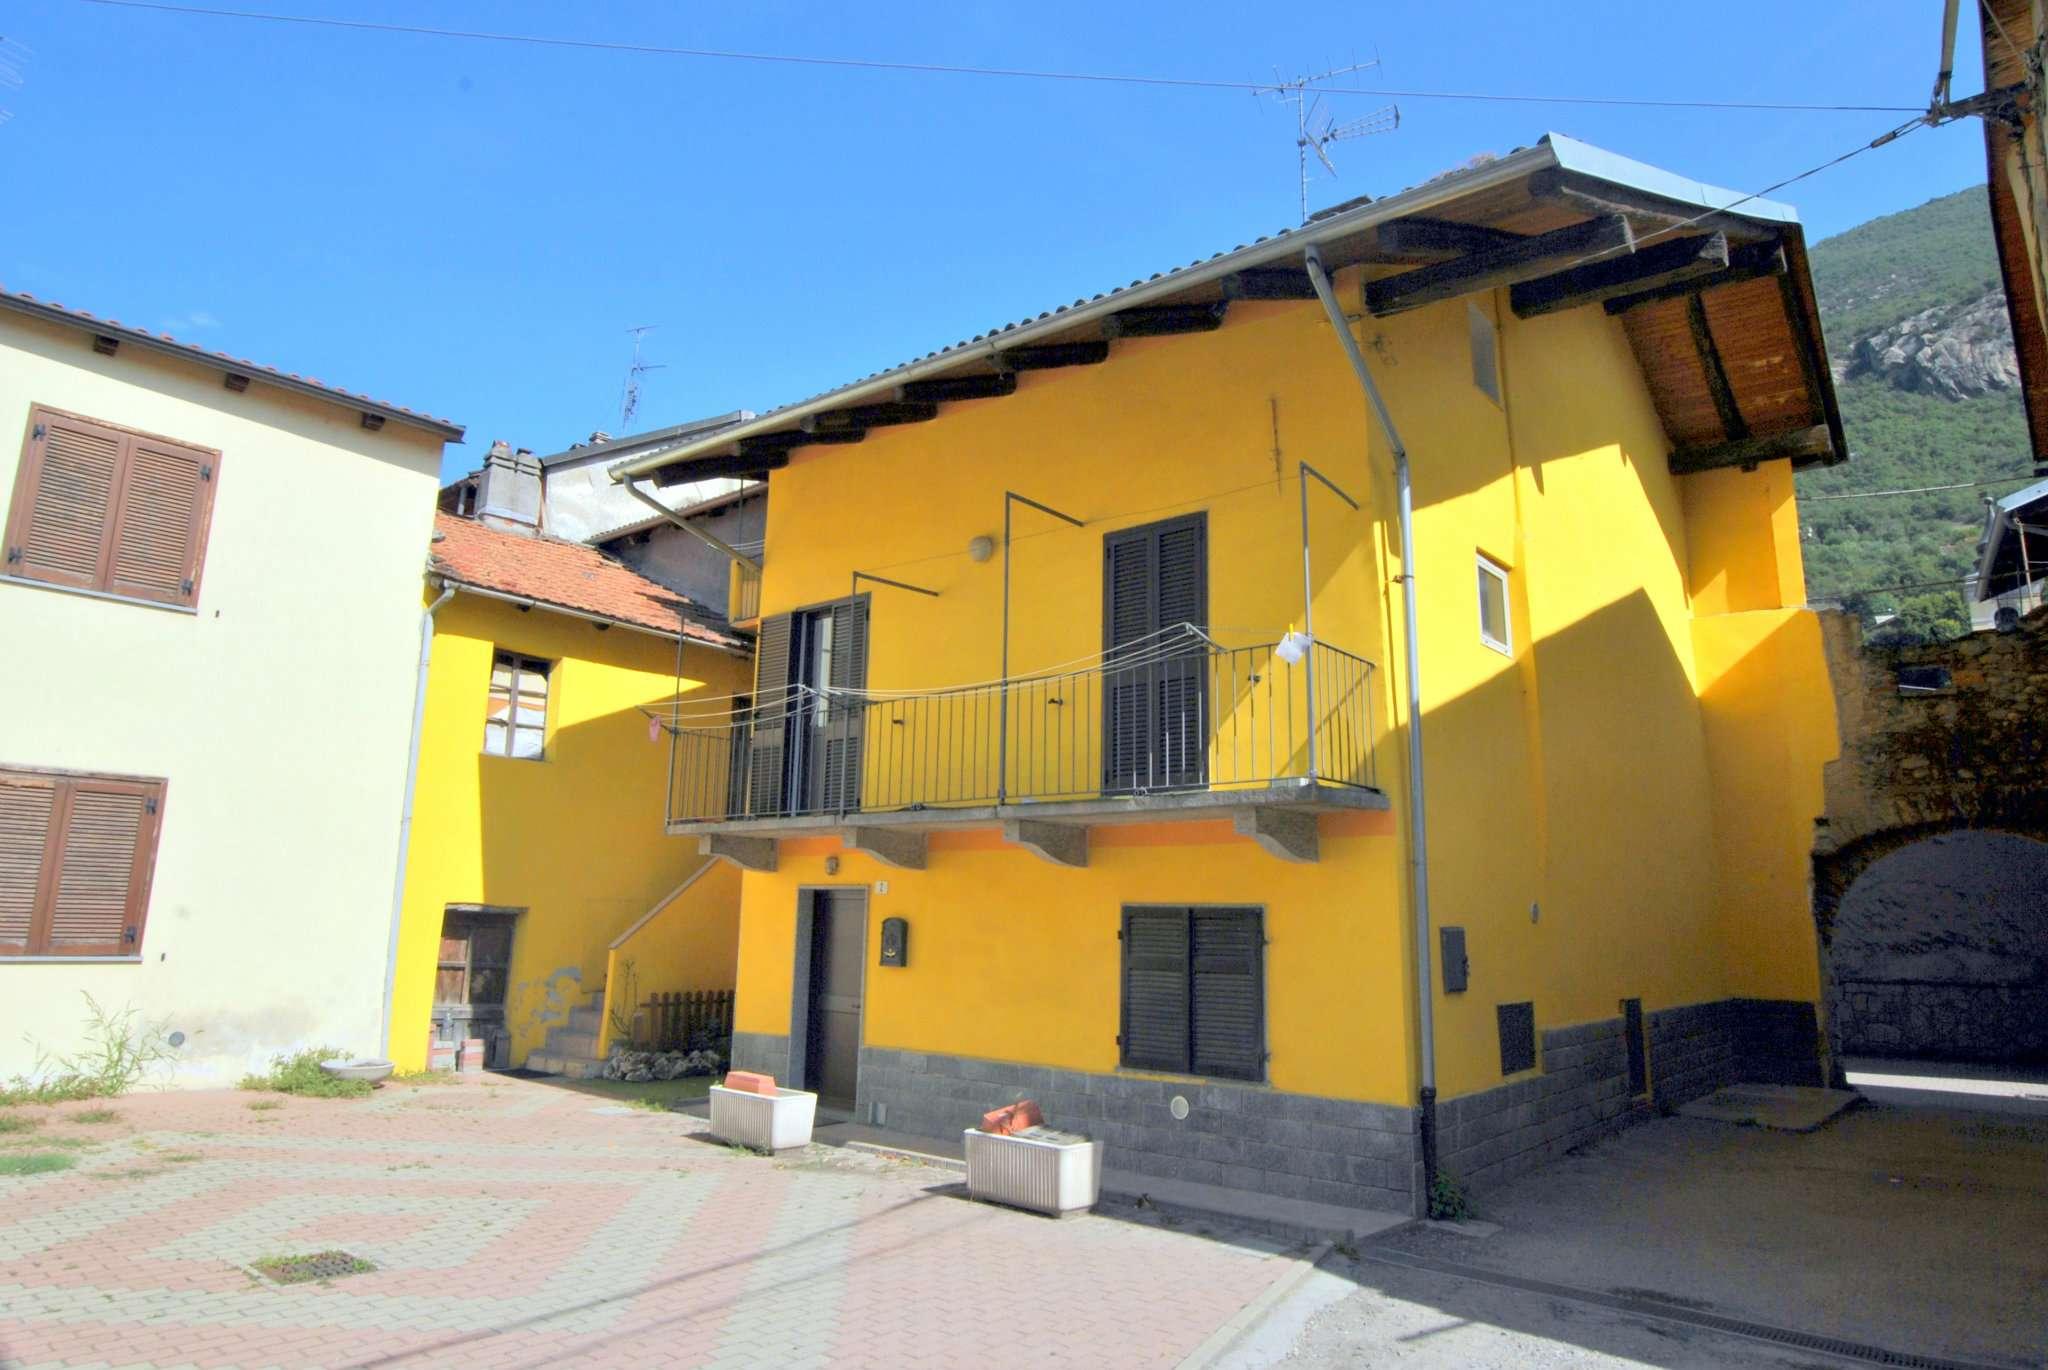 Soluzione Semindipendente in vendita a Borgone Susa, 5 locali, prezzo € 115.000 | CambioCasa.it